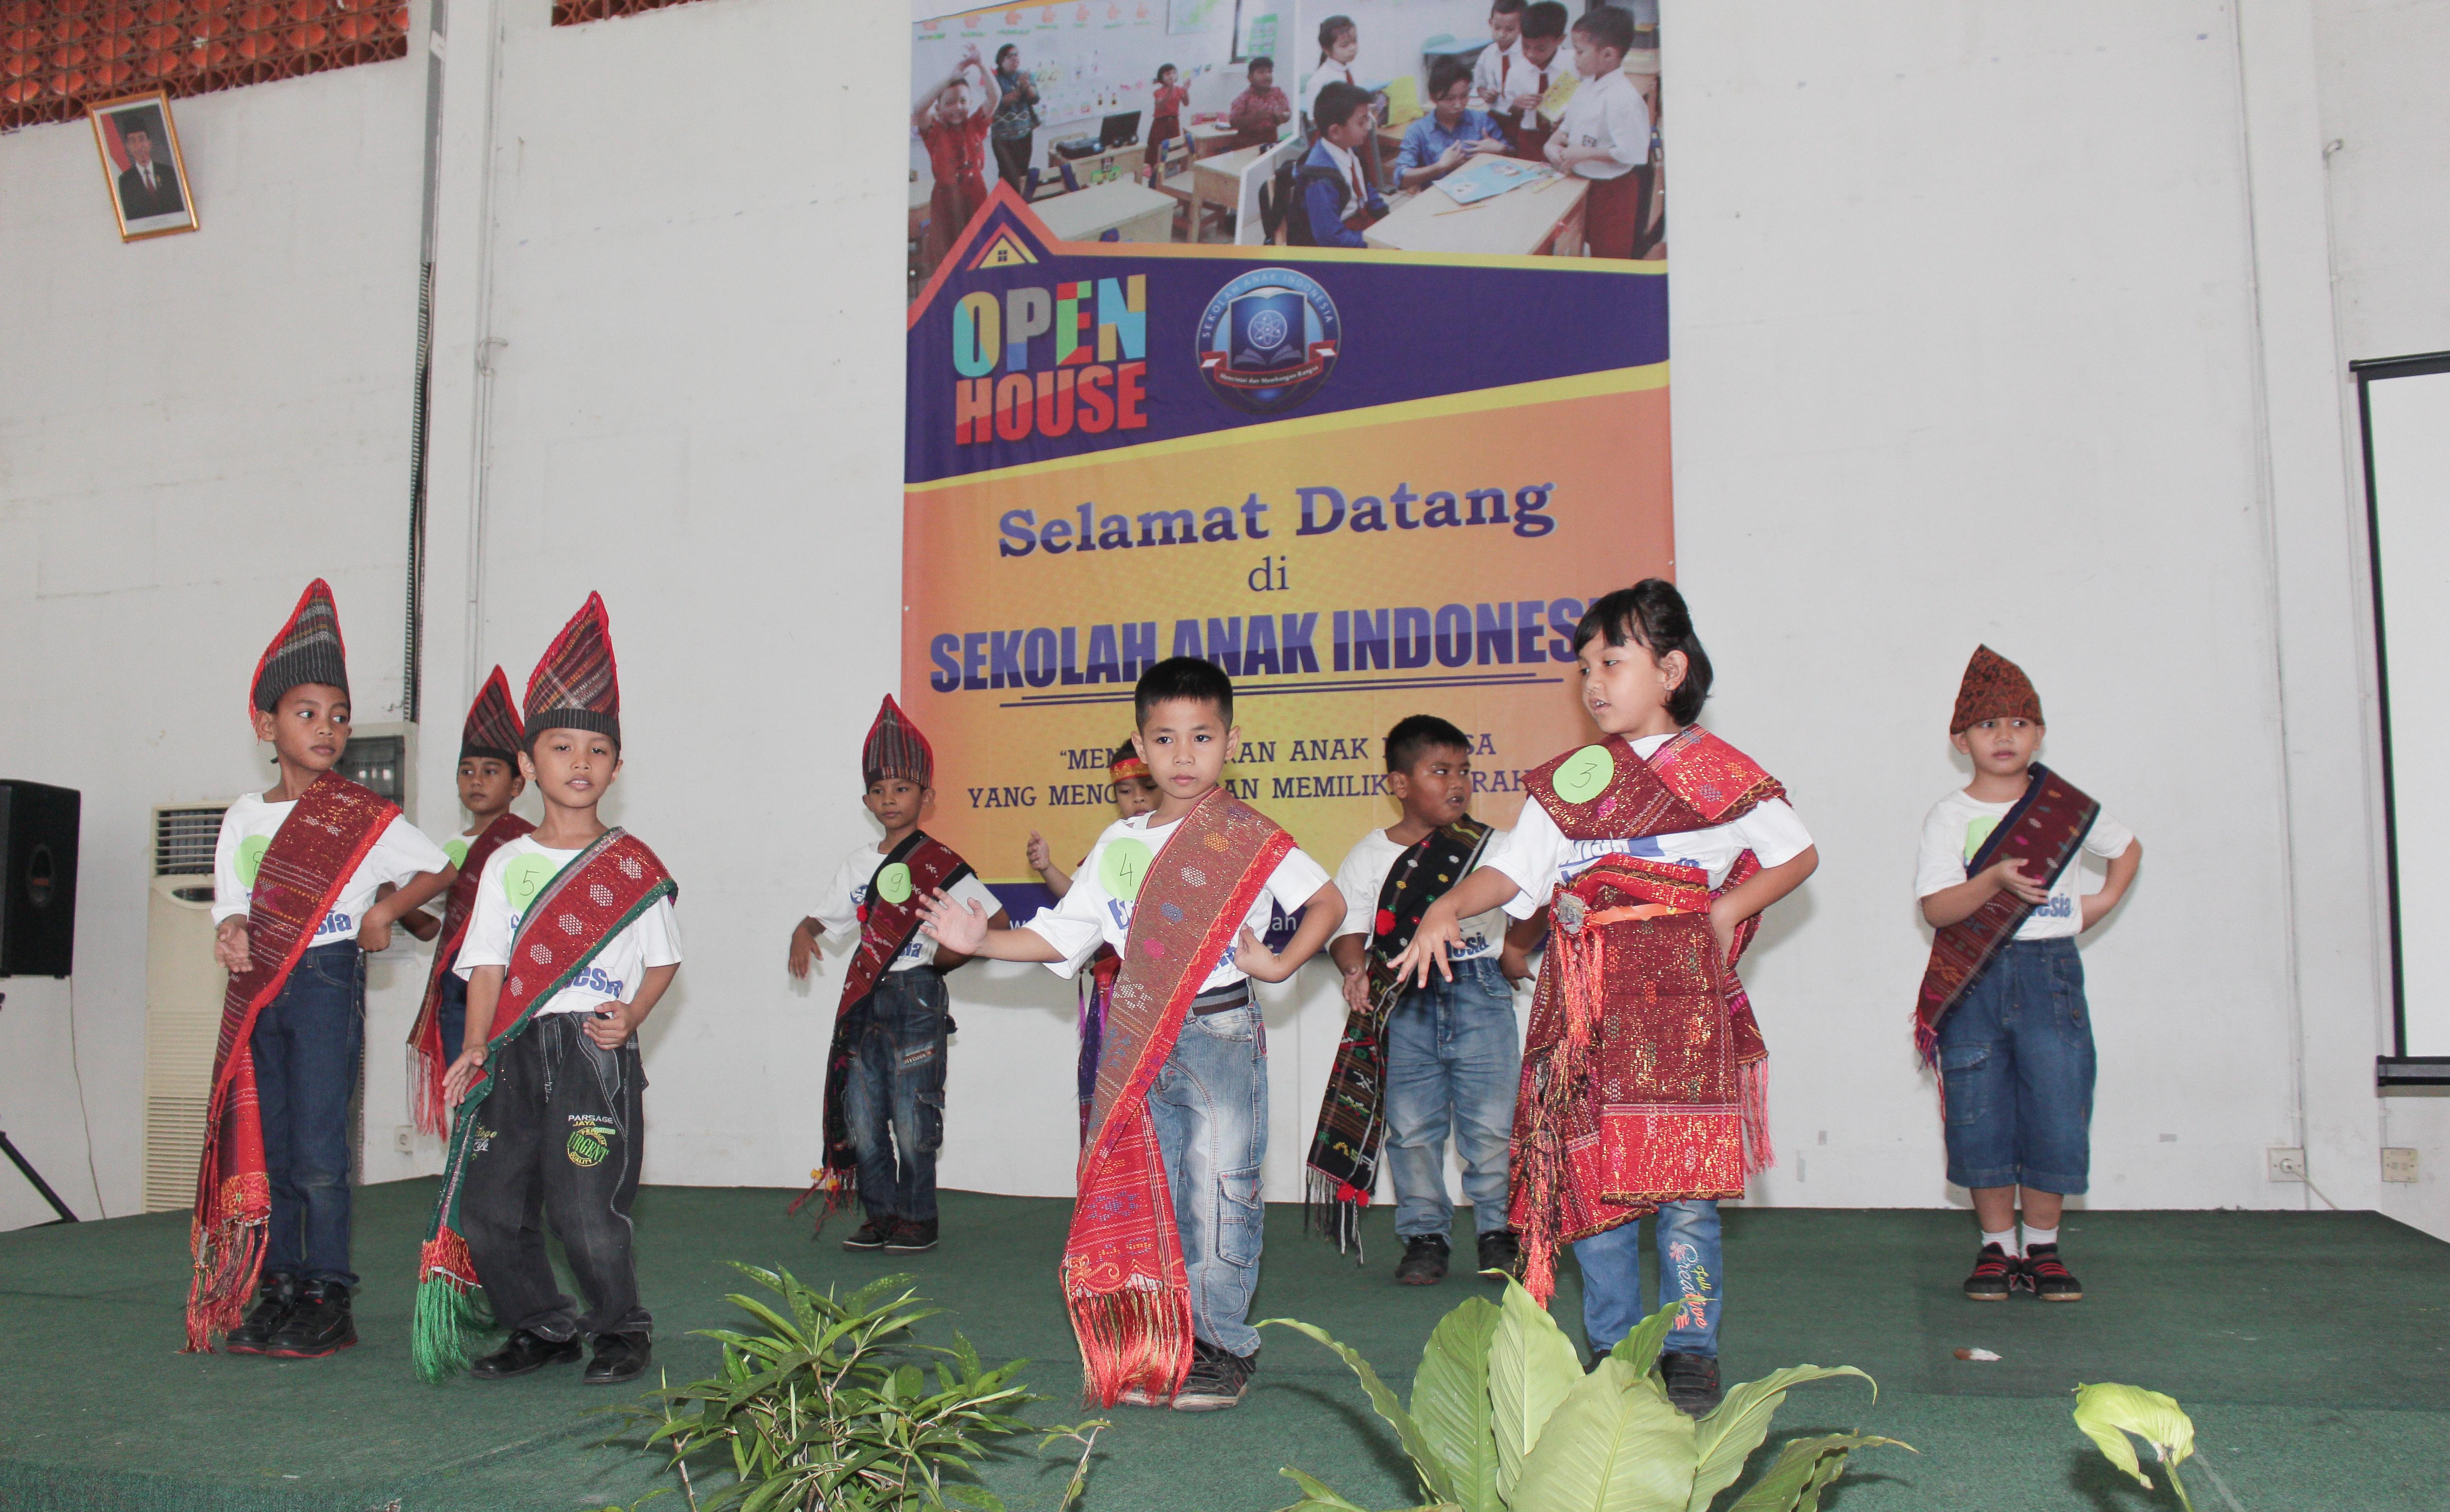 sekolah anak indoensia-sekolah Papua-lomba mewarnai-lomba menggambar_ sekolah papua di sentul-sekolah anak papua-sekolah hebat-pertunjunkan anak papua-papua hebat